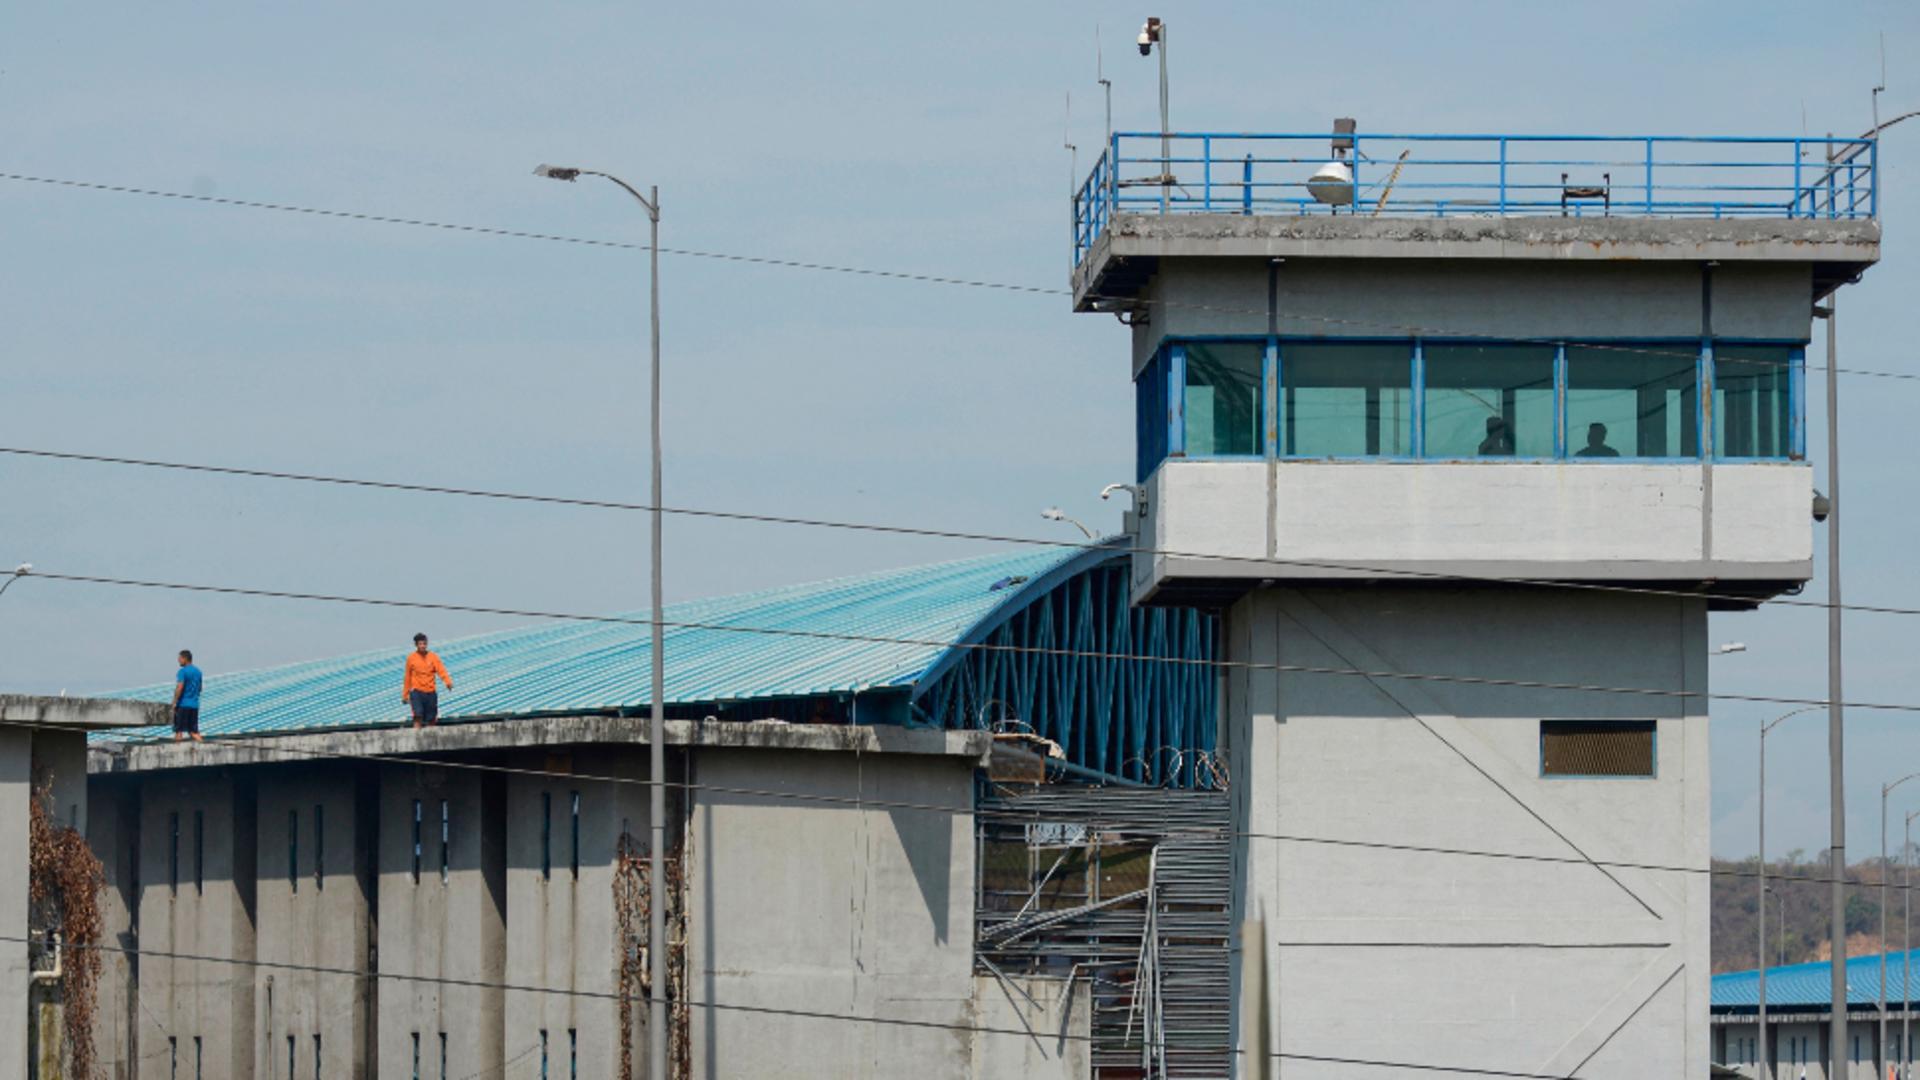 116 oameni au murit într-o închisoare din Ecuador. Foto/Profiemdia